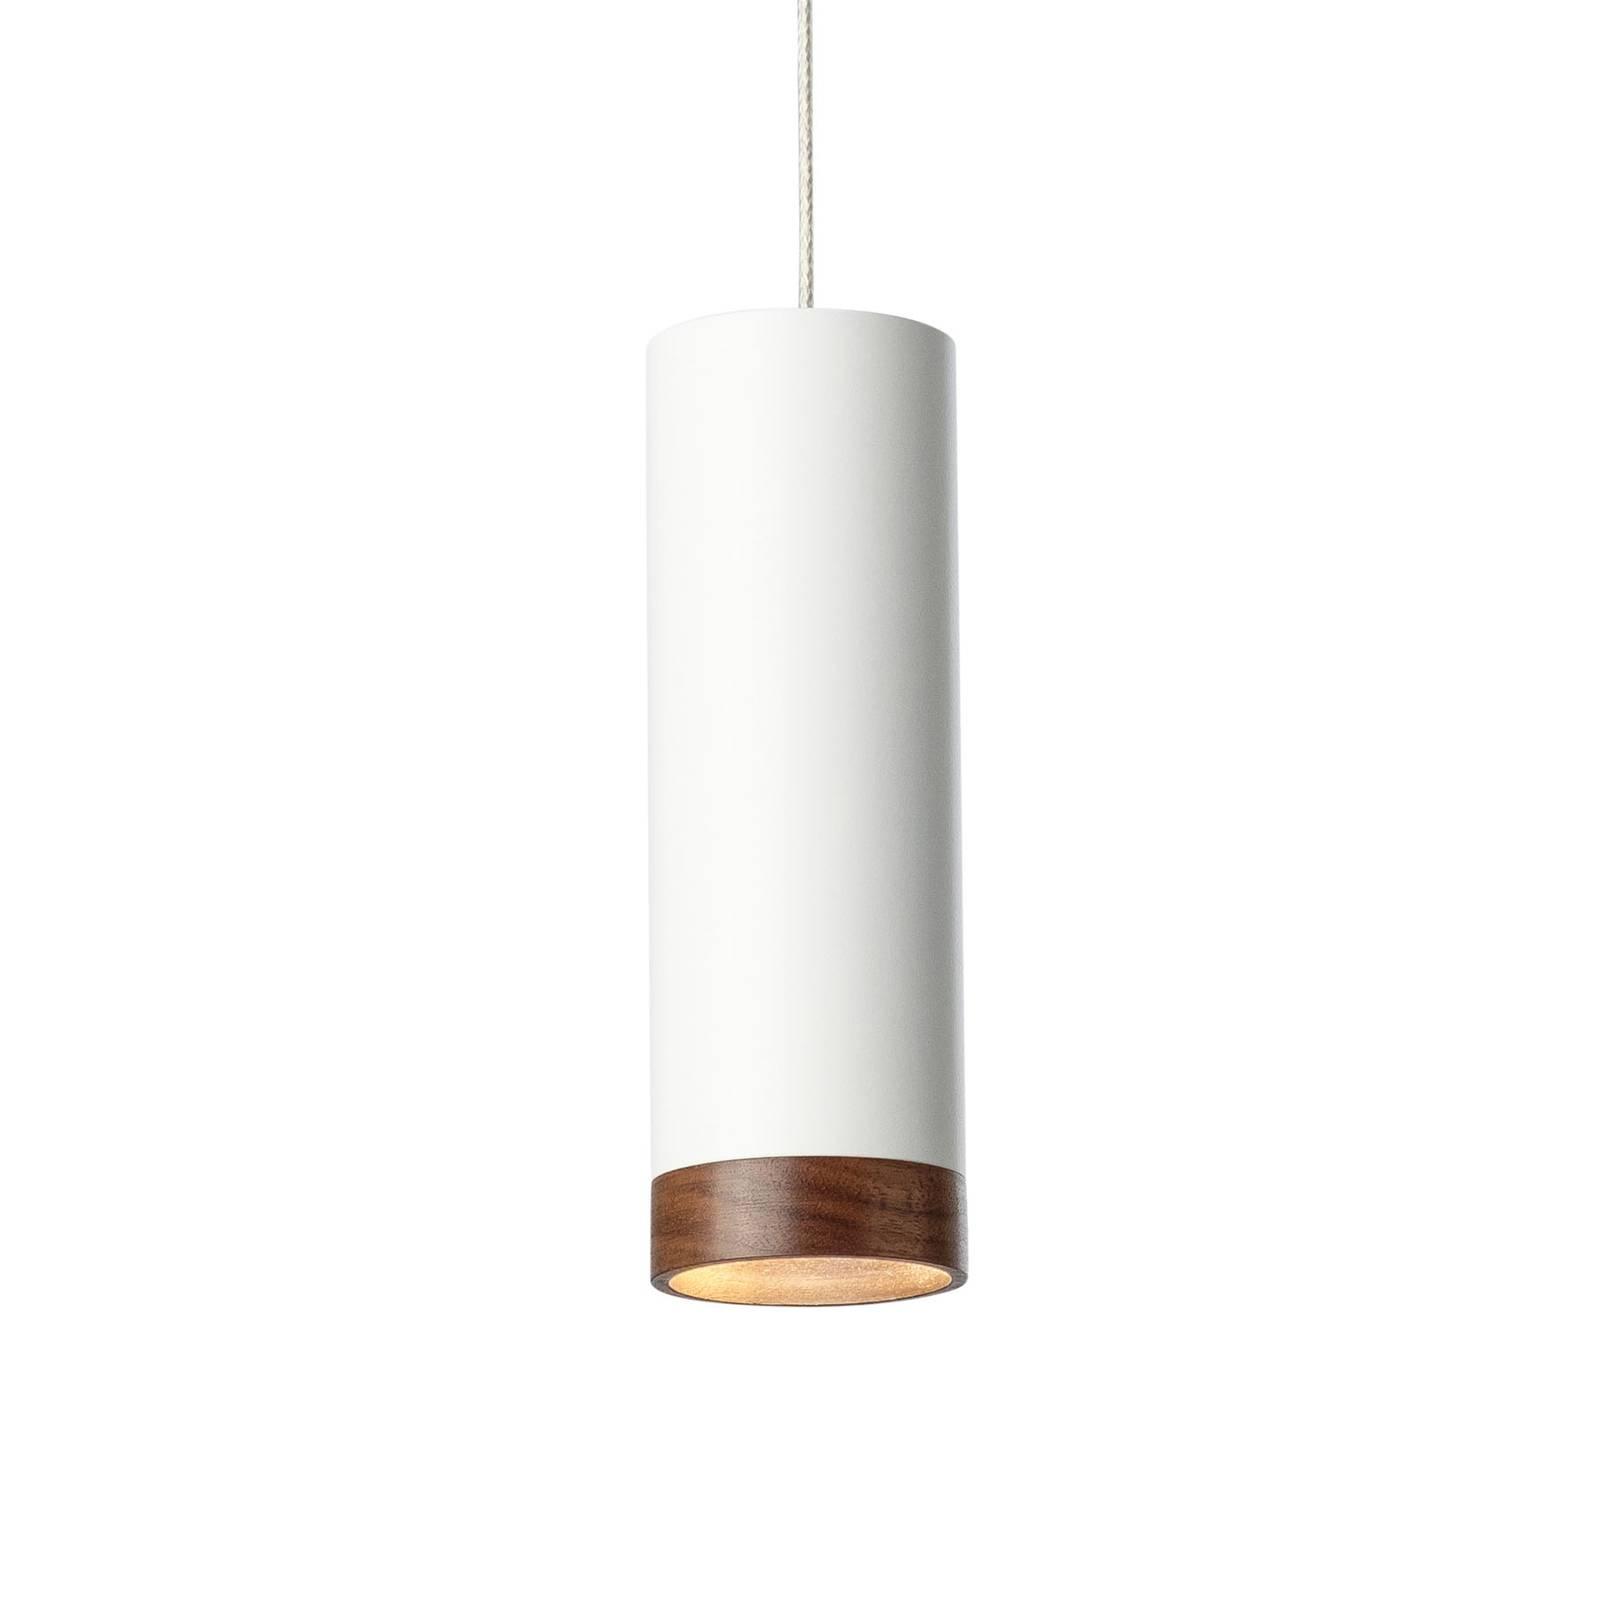 LED-riippuvalaisin PHEB, valkoinen/pähkinäpuu